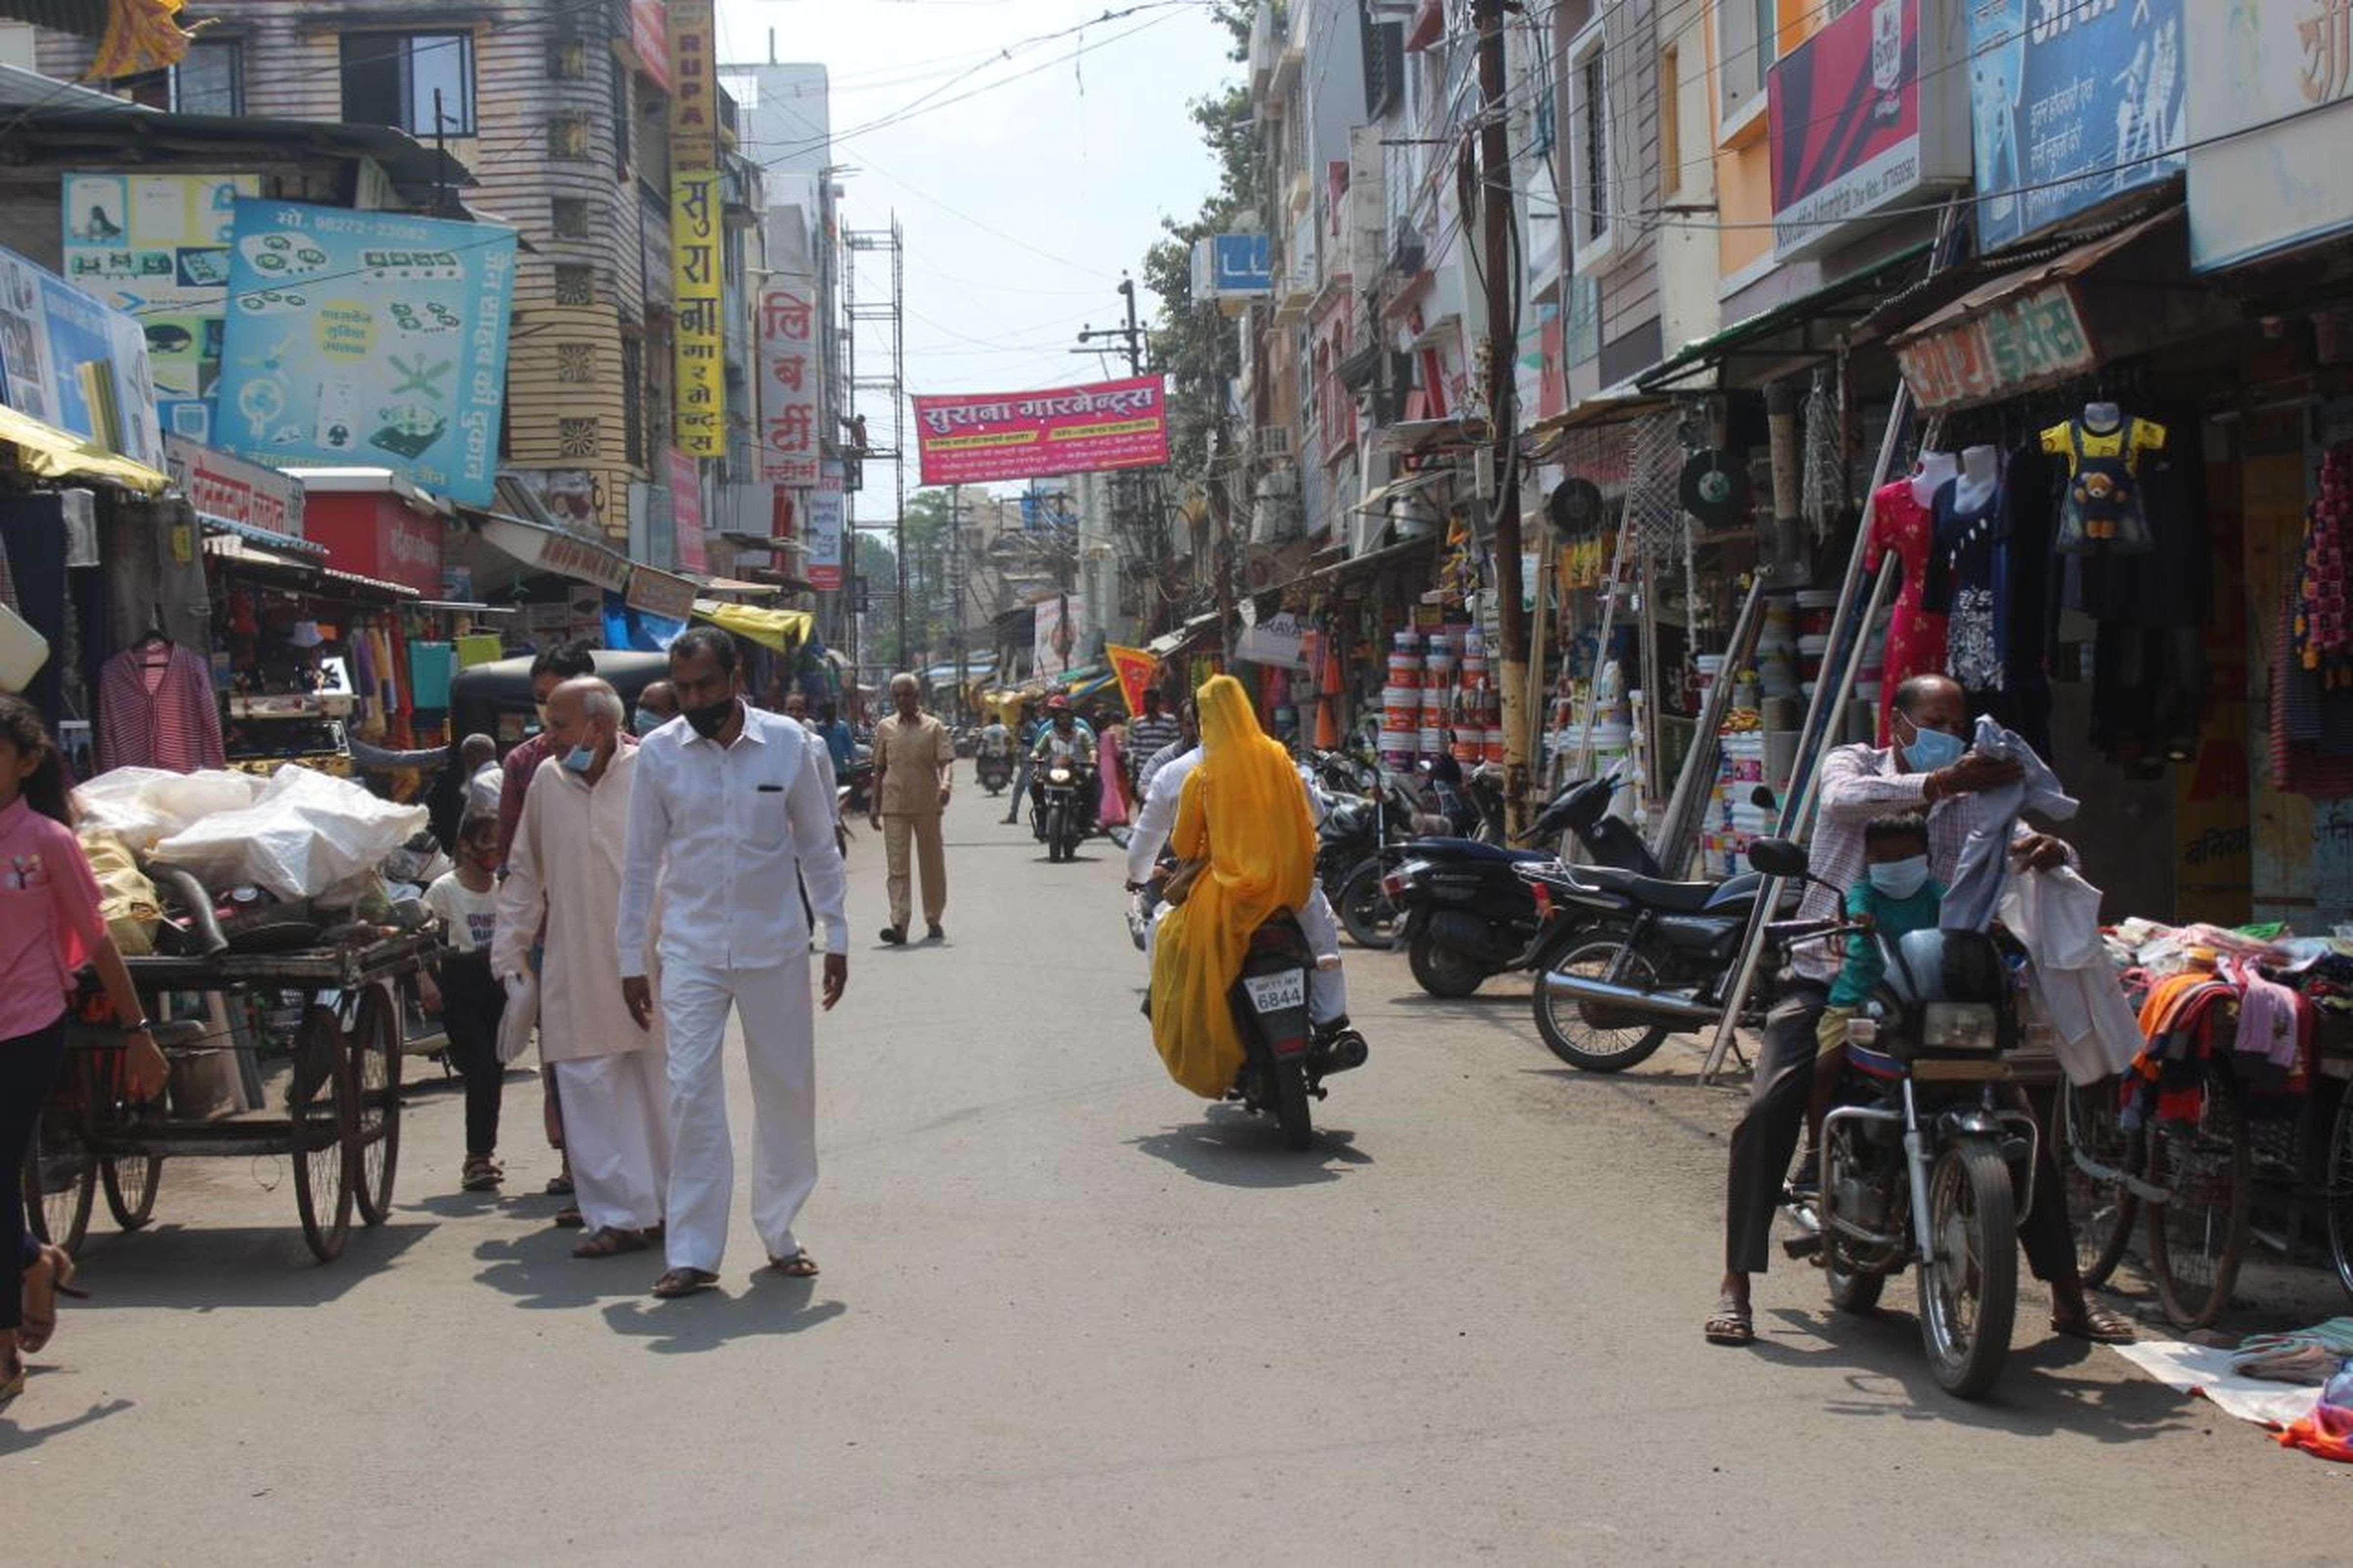 त्योहार के चलते आधा बाजार खुला, पूजन सामग्री और मिठाई दुकानों से लोगों ने की खरीदी (देखे वीडियो)